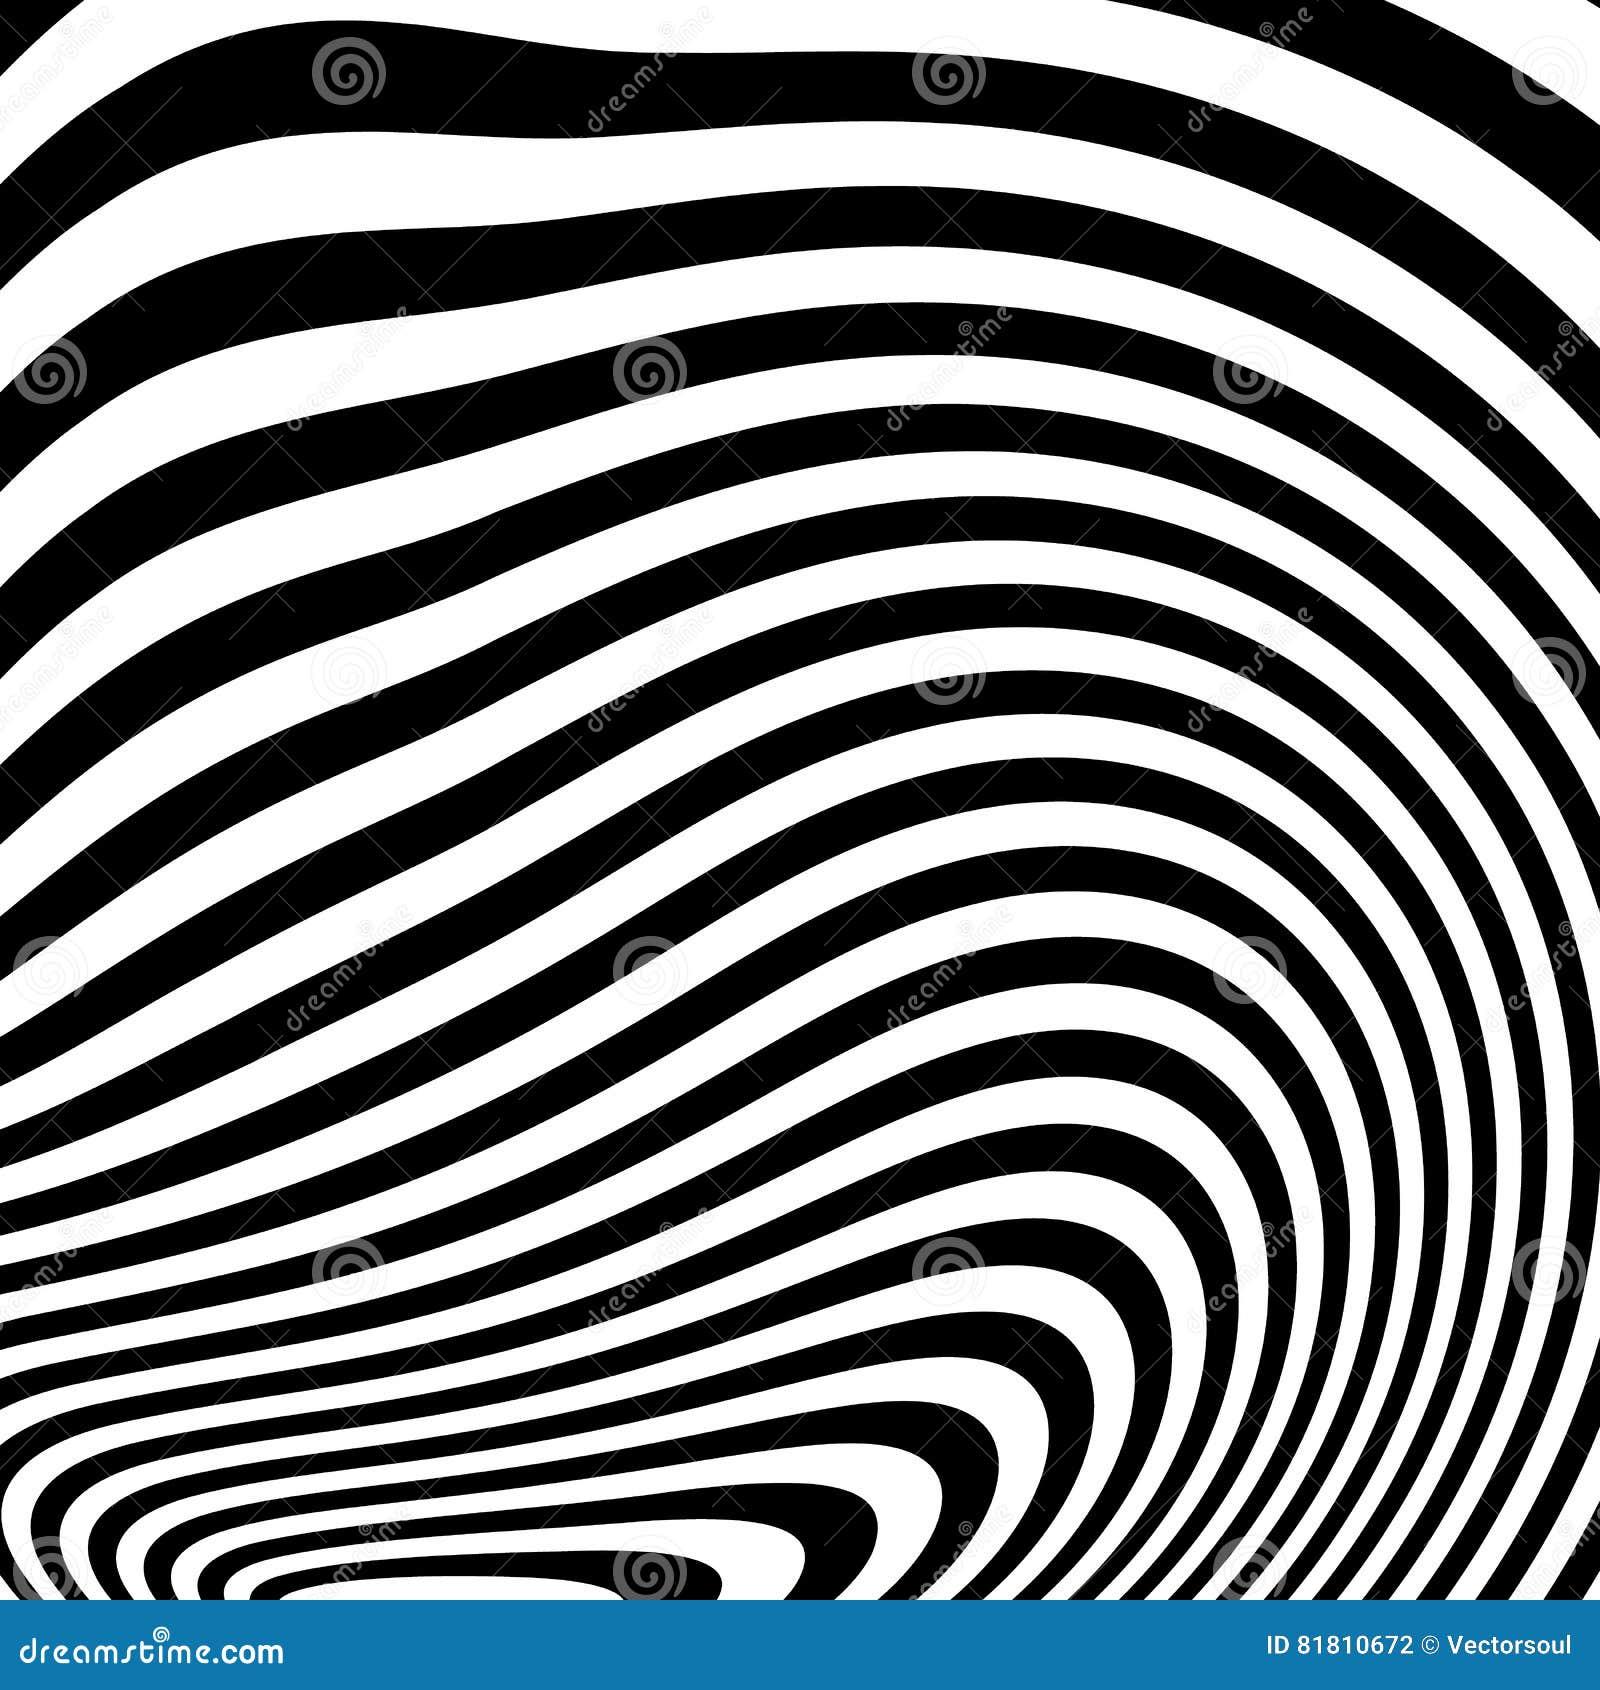 Curvy скачками динамические линии абстрактная геометрическая картина